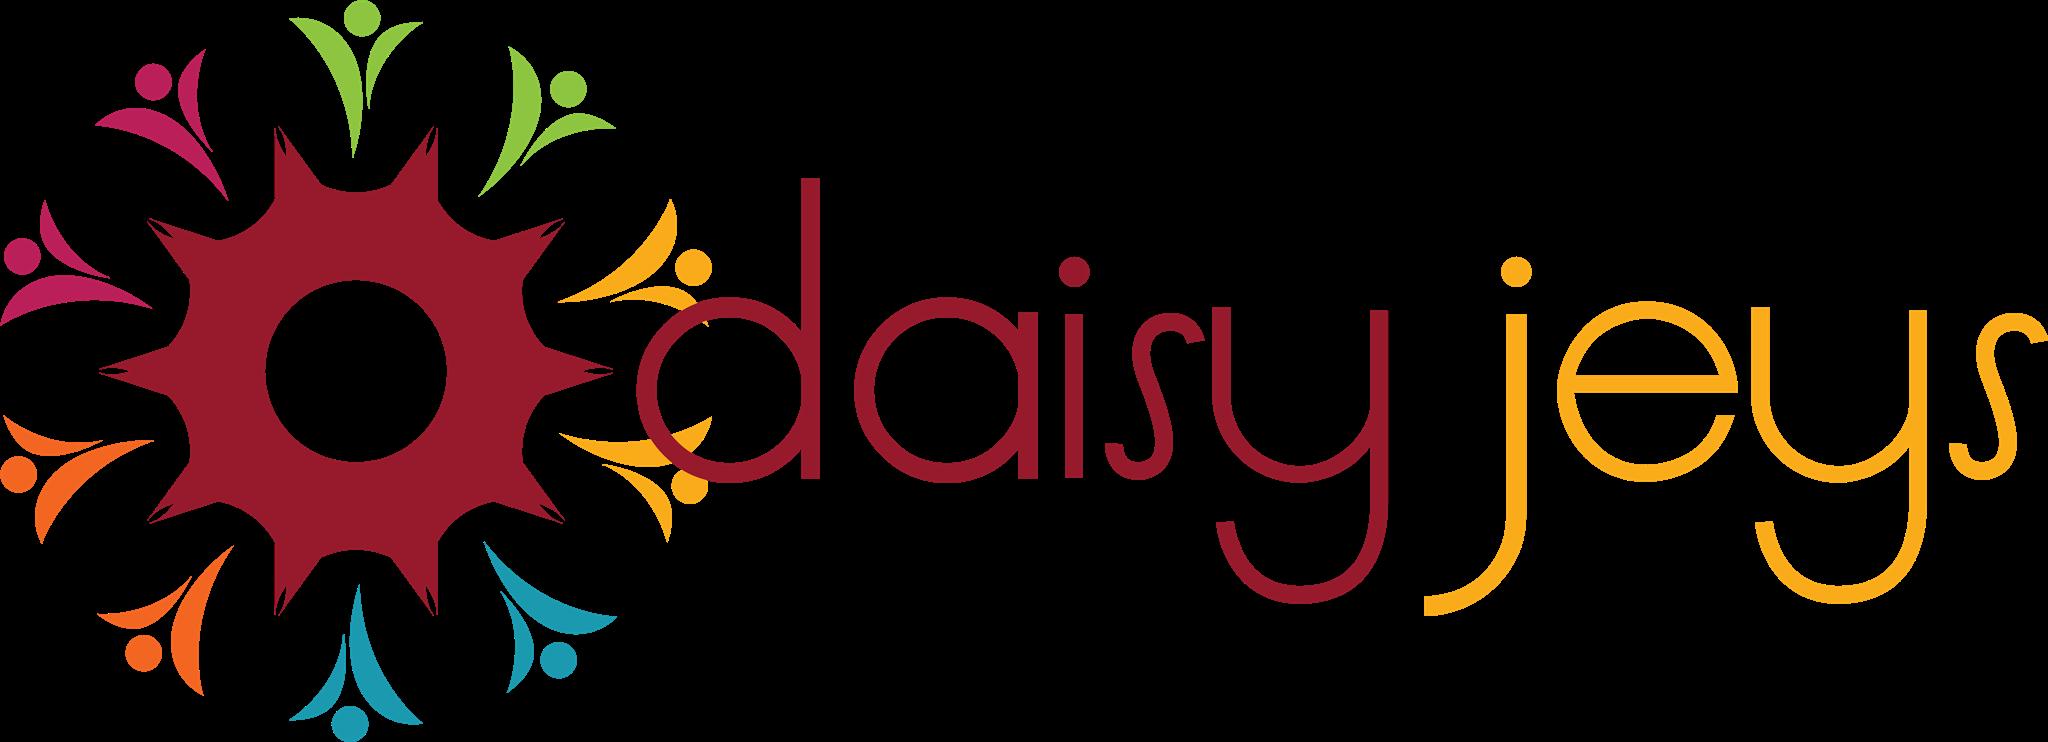 Daisy Jeys Meditation